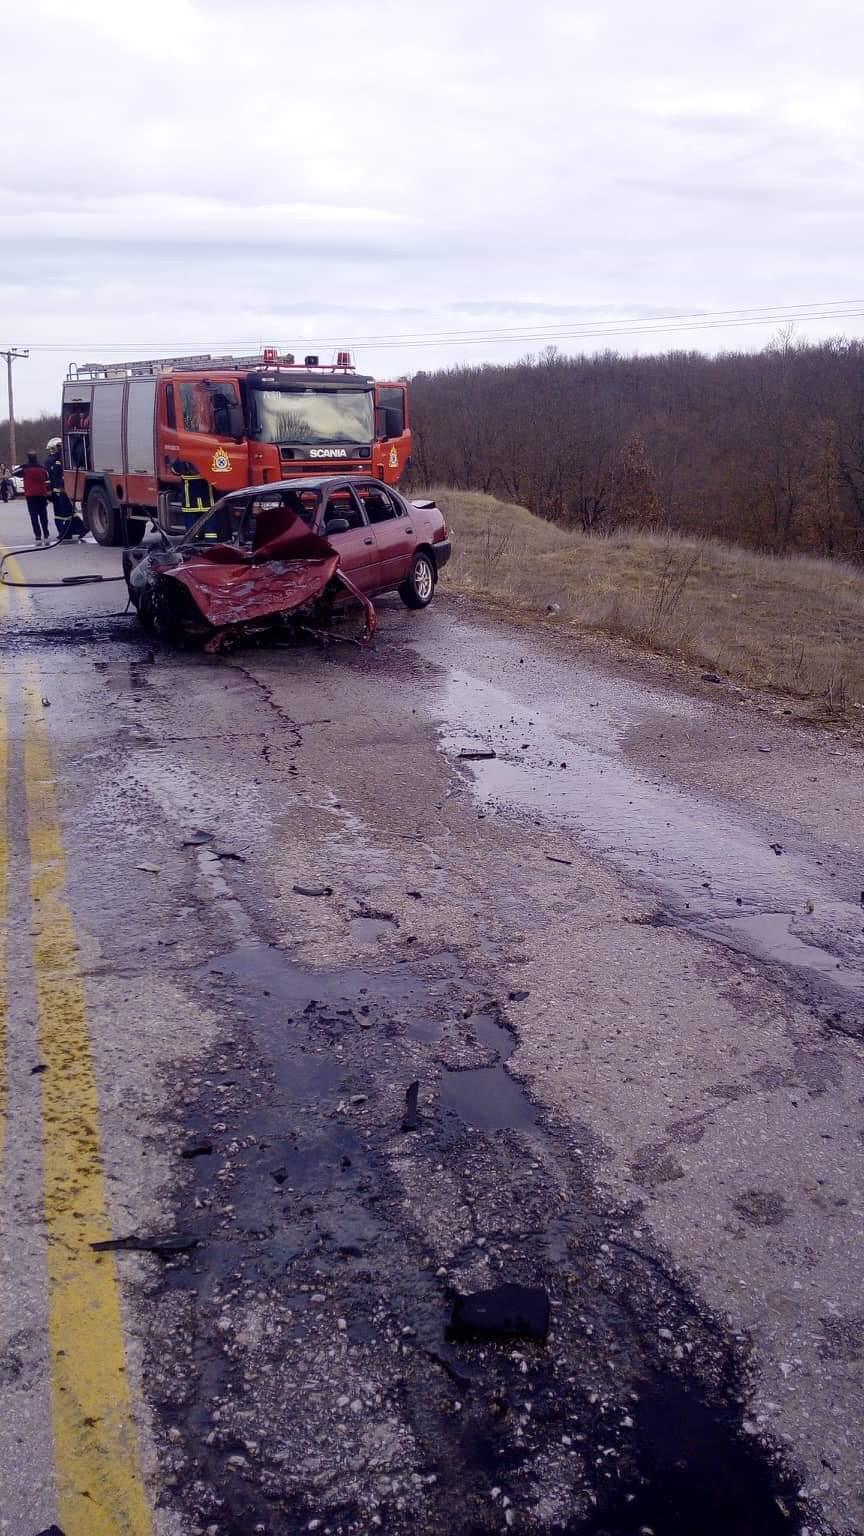 Συγκρούστηκαν δύο ΙΧ αυτοκίνητα στους Μαυραναίους-Τραυματίστηκε μια κοπέλα-Το ένα αυτοκίνητο κάηκε ολοσχερώς (φωτογραφίες)